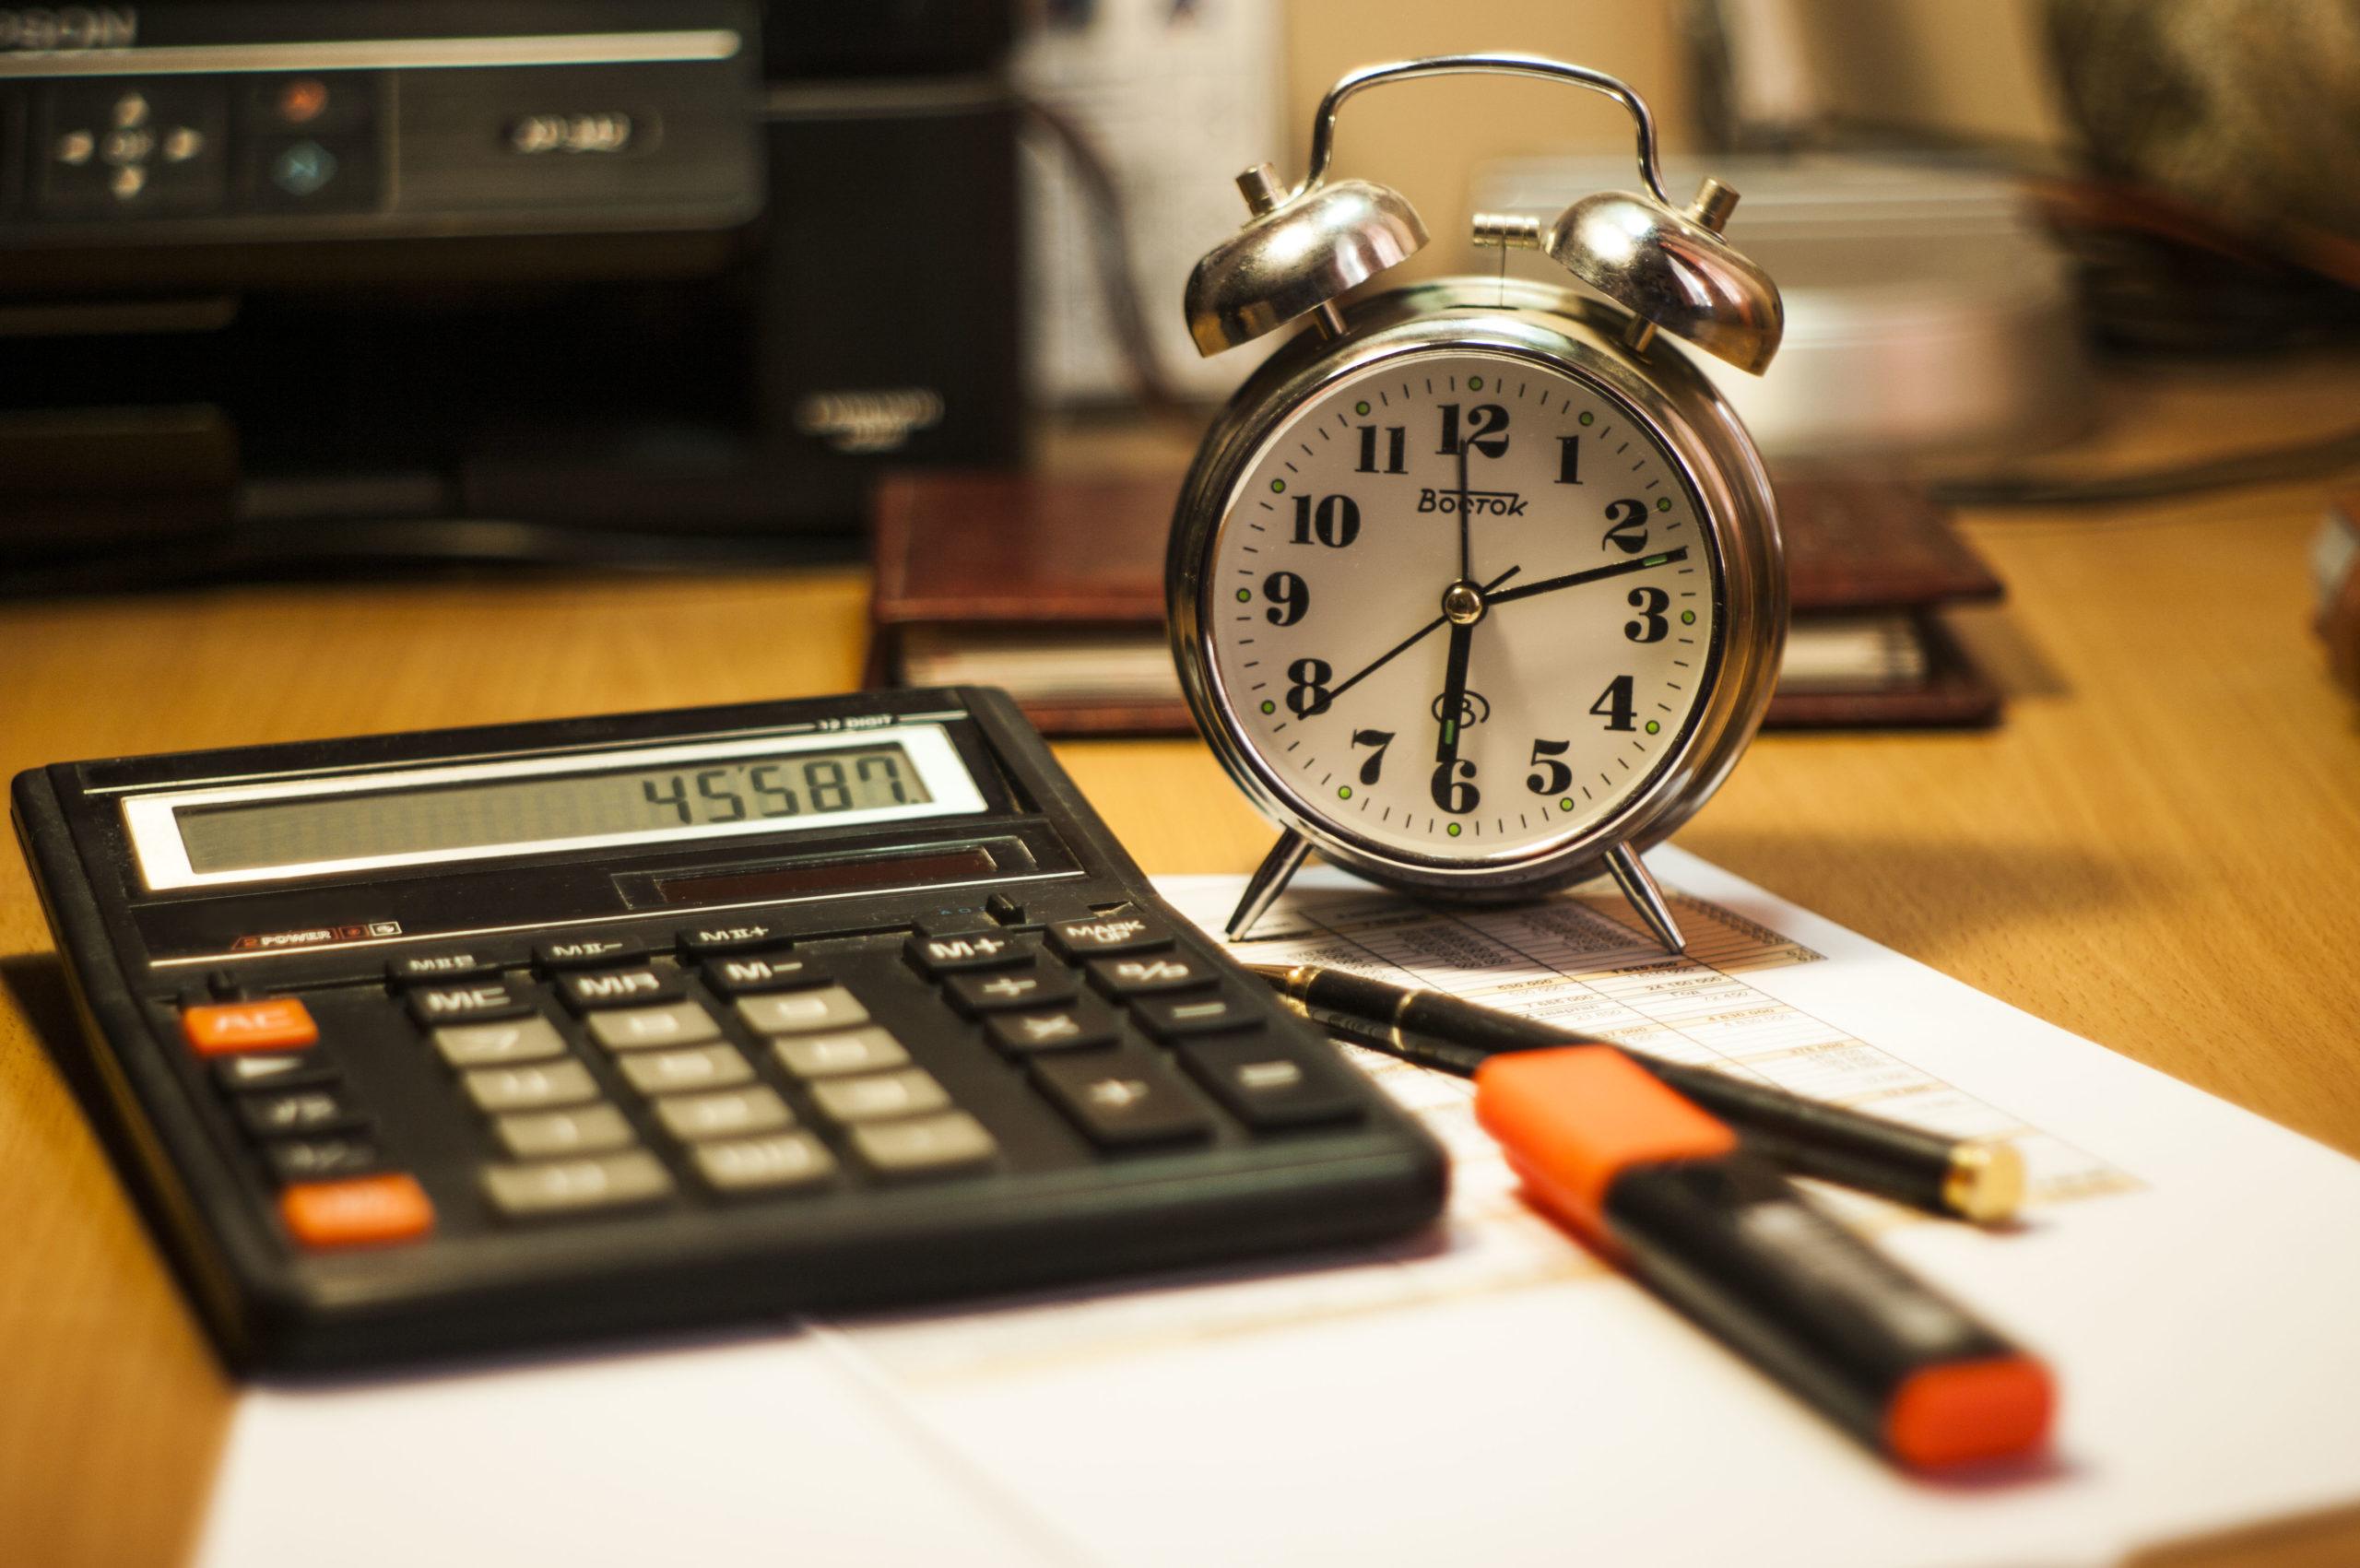 быстрые кредиты онлайн с плохой кредитной